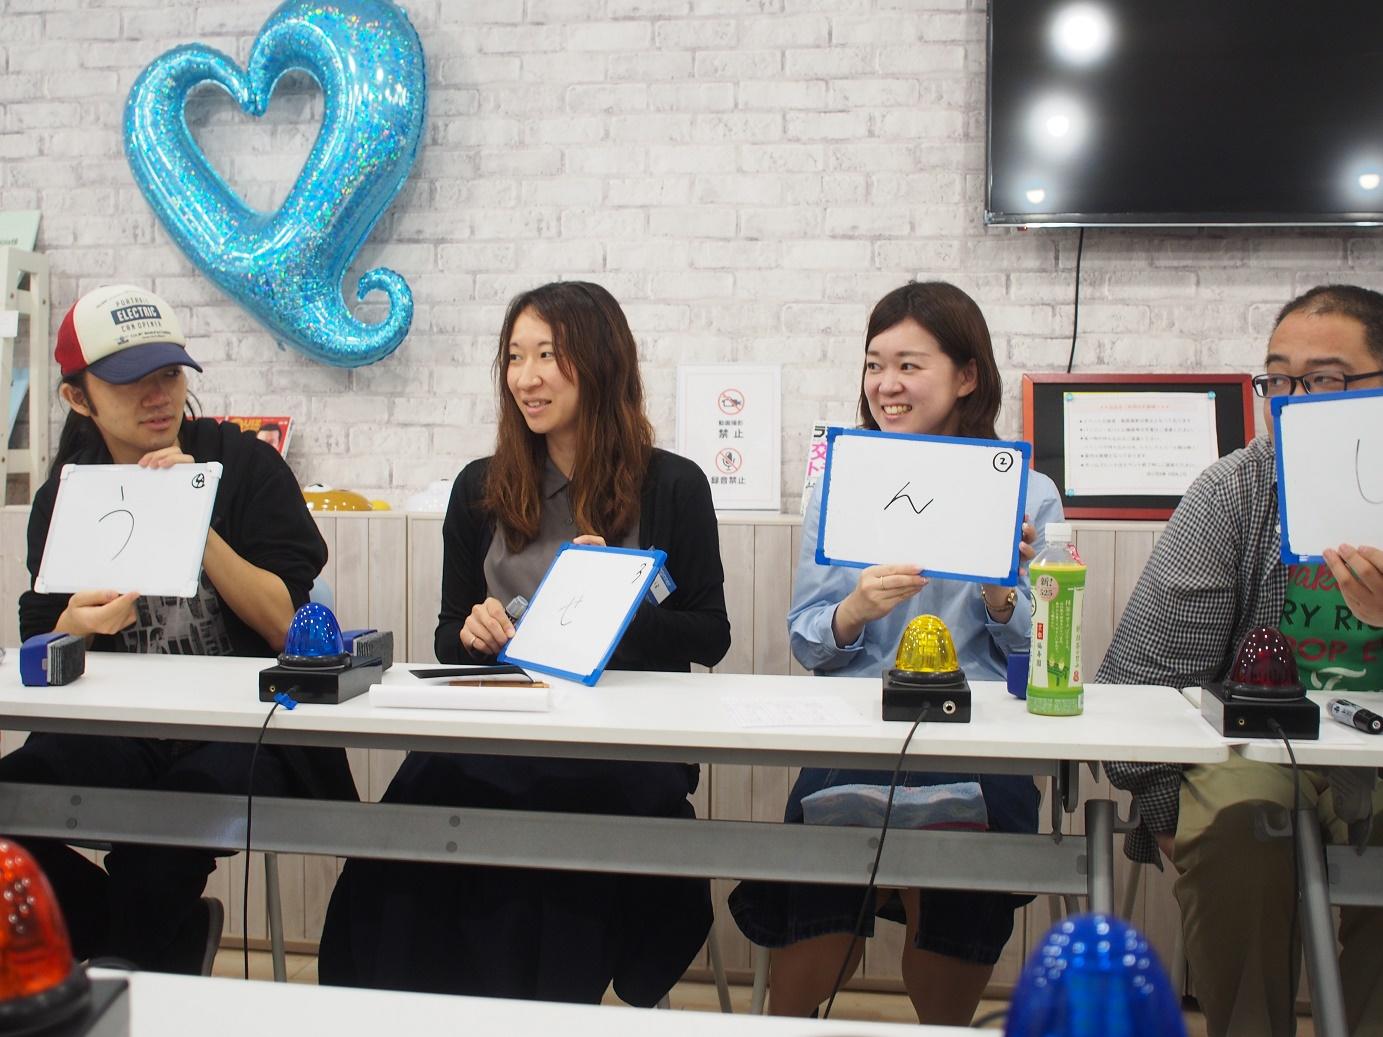 【クイズイベント突撃レポ】日本初のクイズ専門店「ソーダライト」に行ってみた